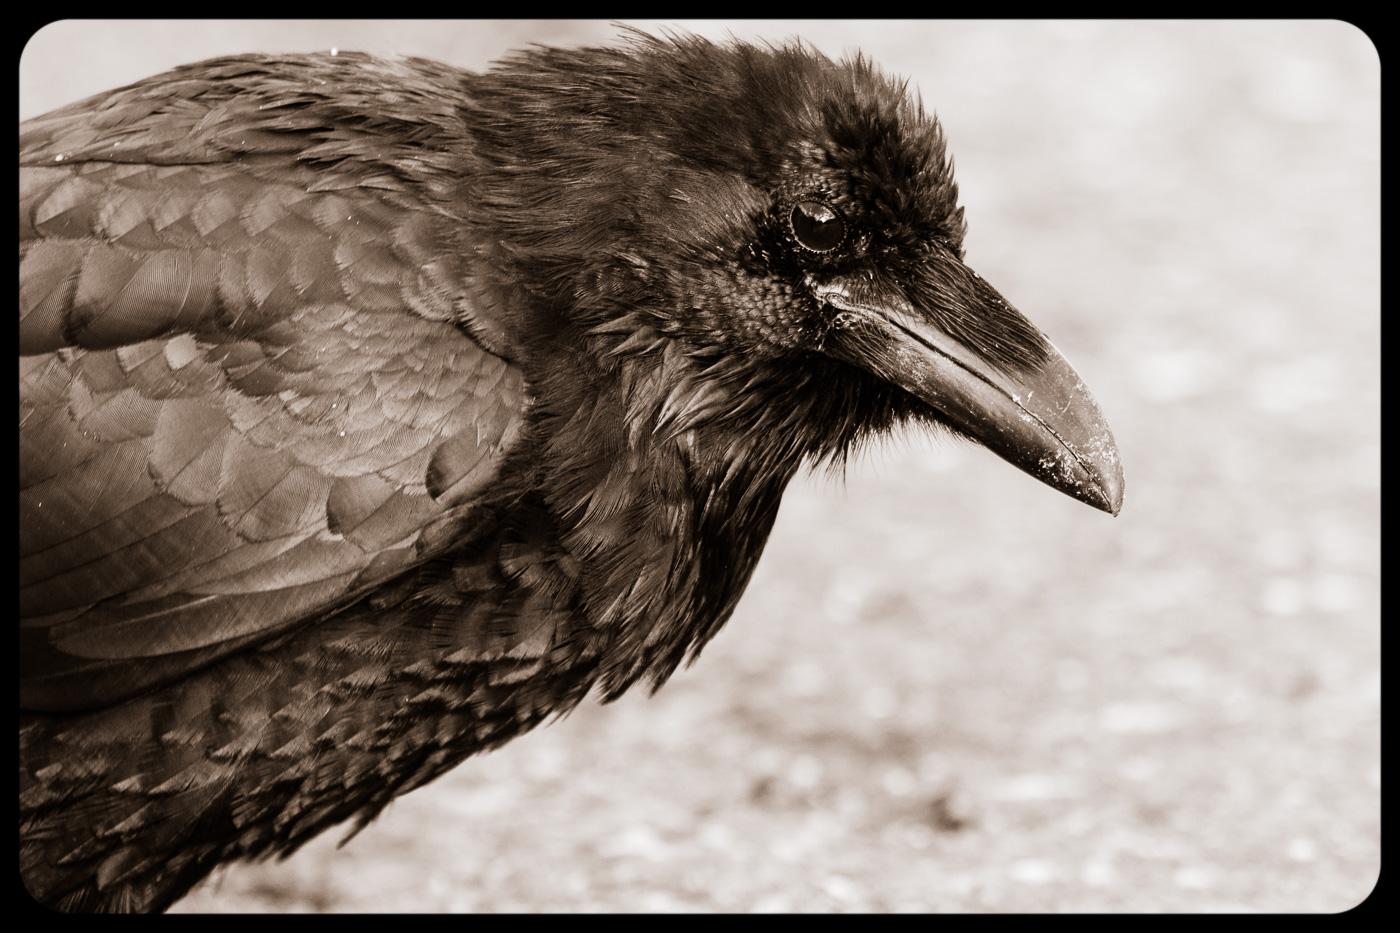 Common Raven (Corvus corax), Kootenay National Park, Canada. - Fauna de Nord-Amèrica - Raül Carmona - Fotografia, Fotografia d'estudi, esdeveniments i Natura